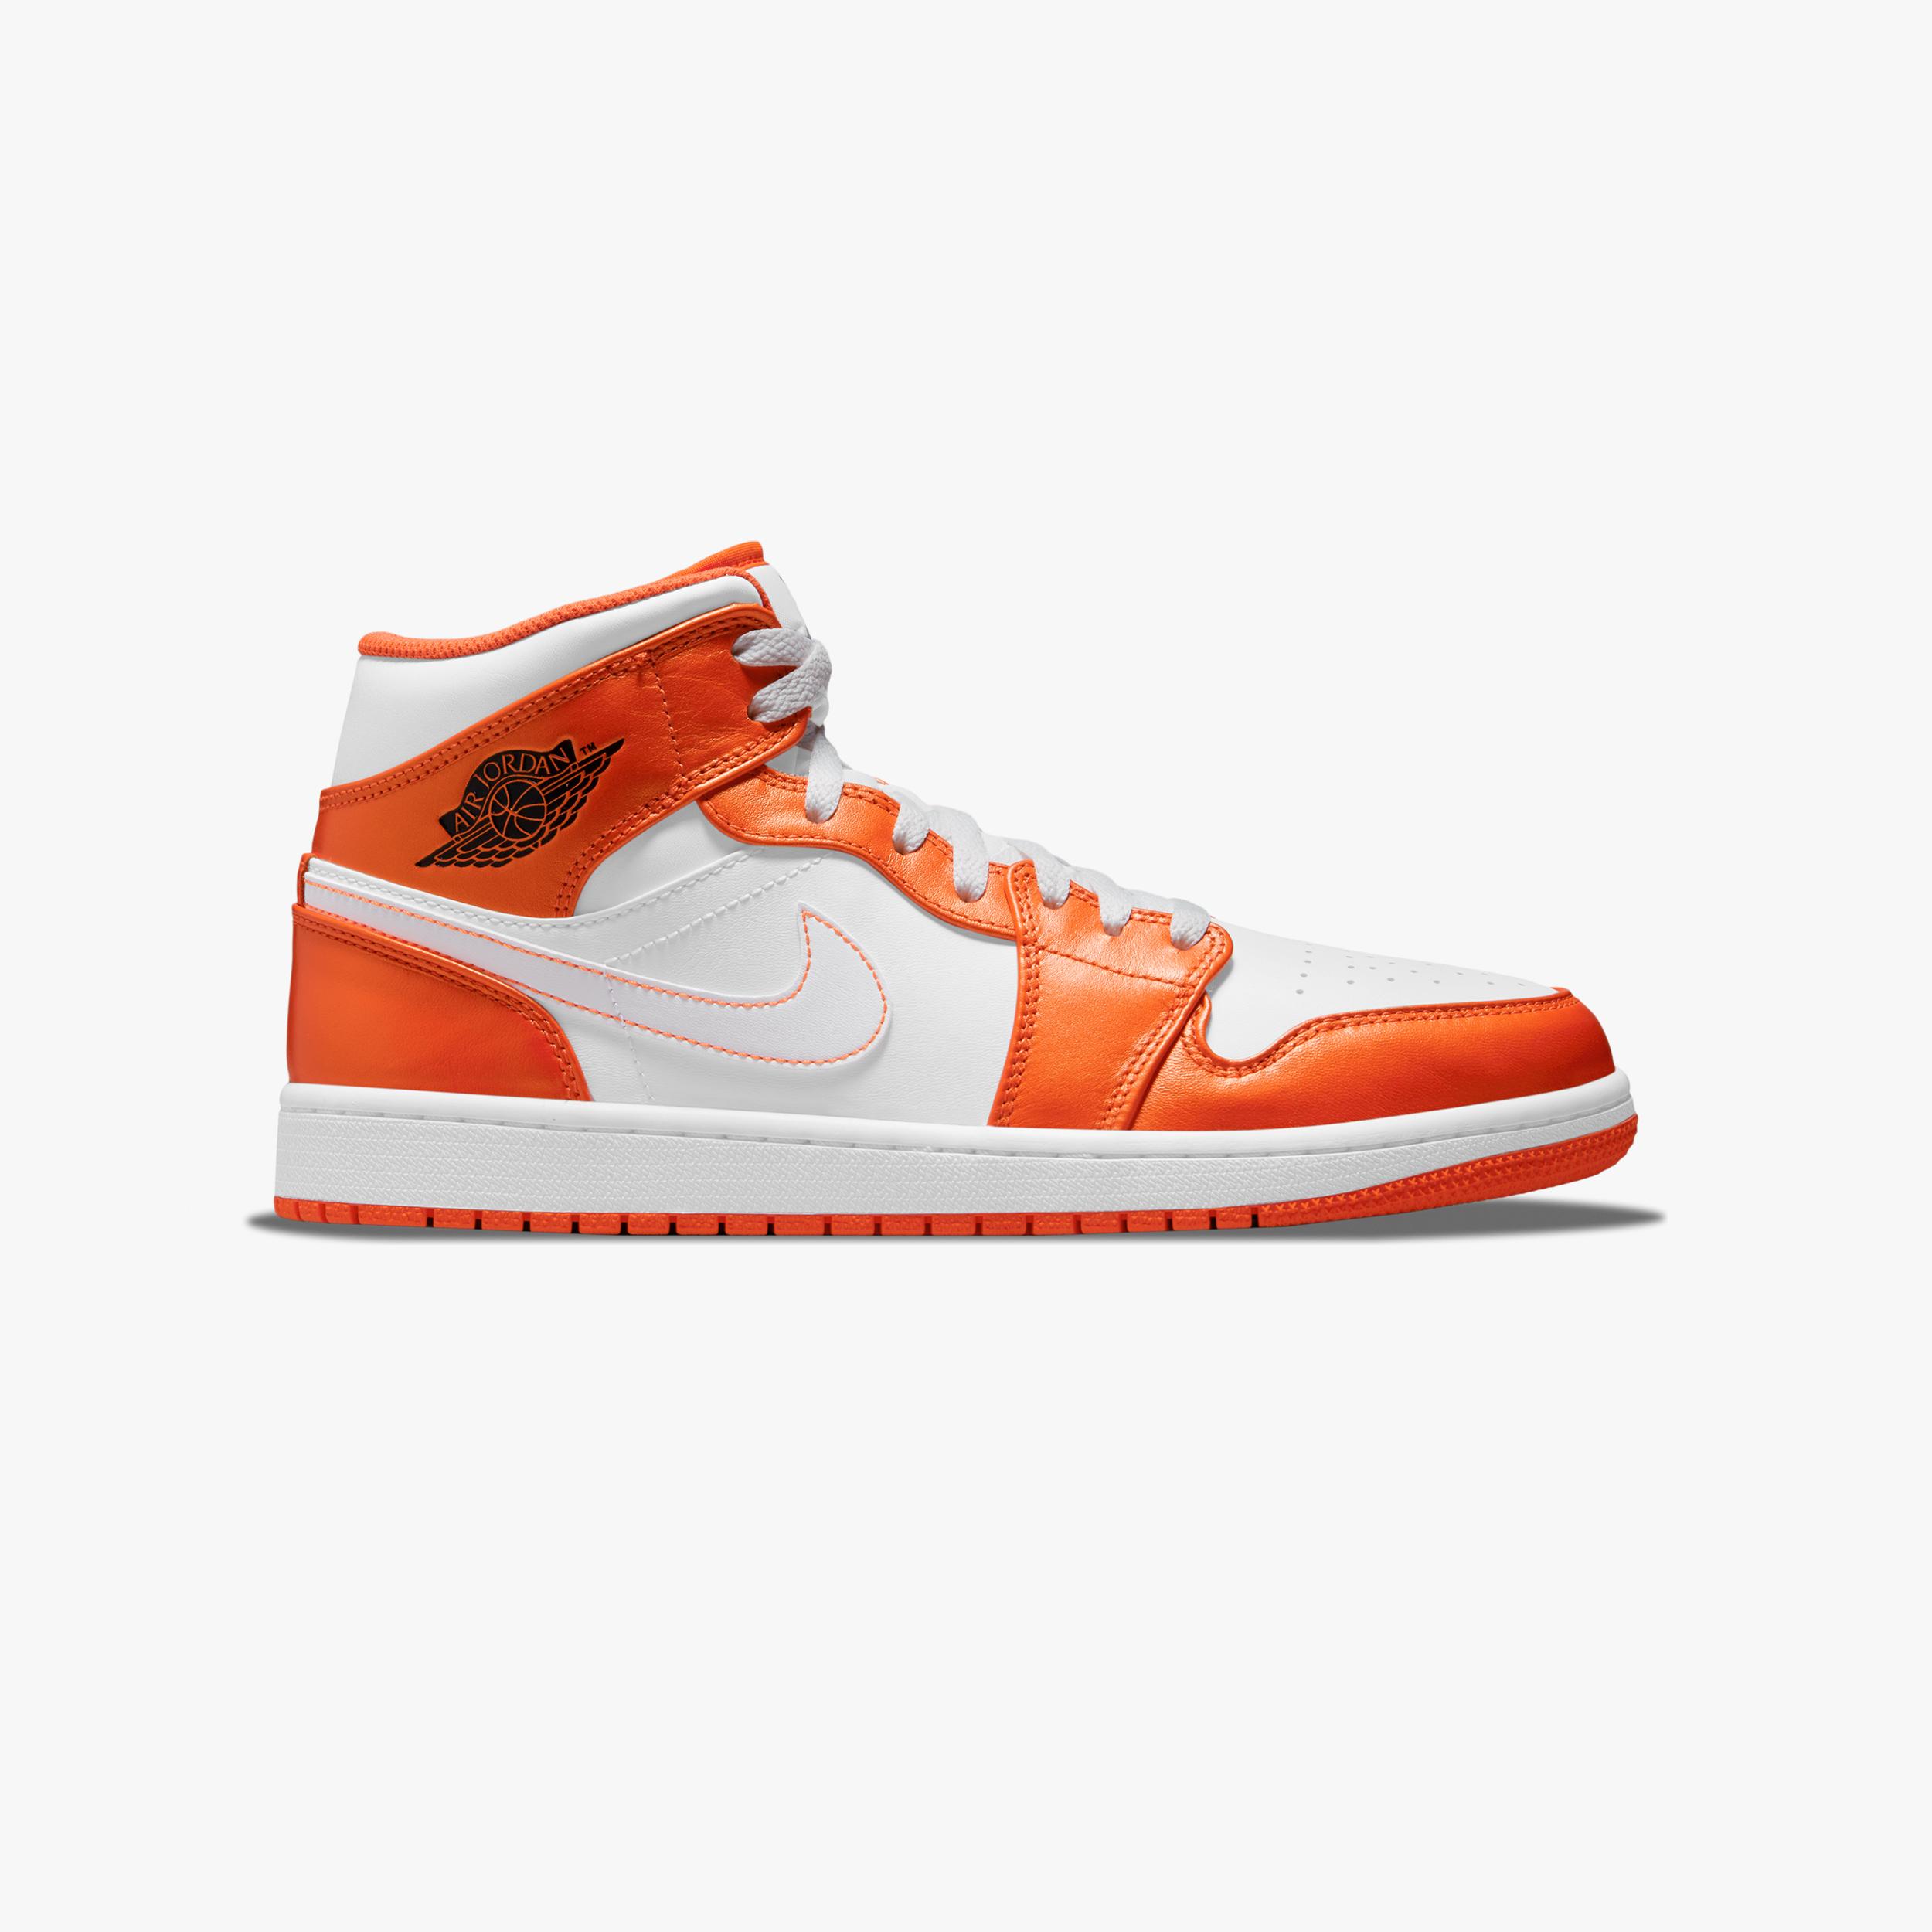 Jordan Brand Air Jordan 1 Mid SE - Dm3531-800 - SNS | sneakers ...